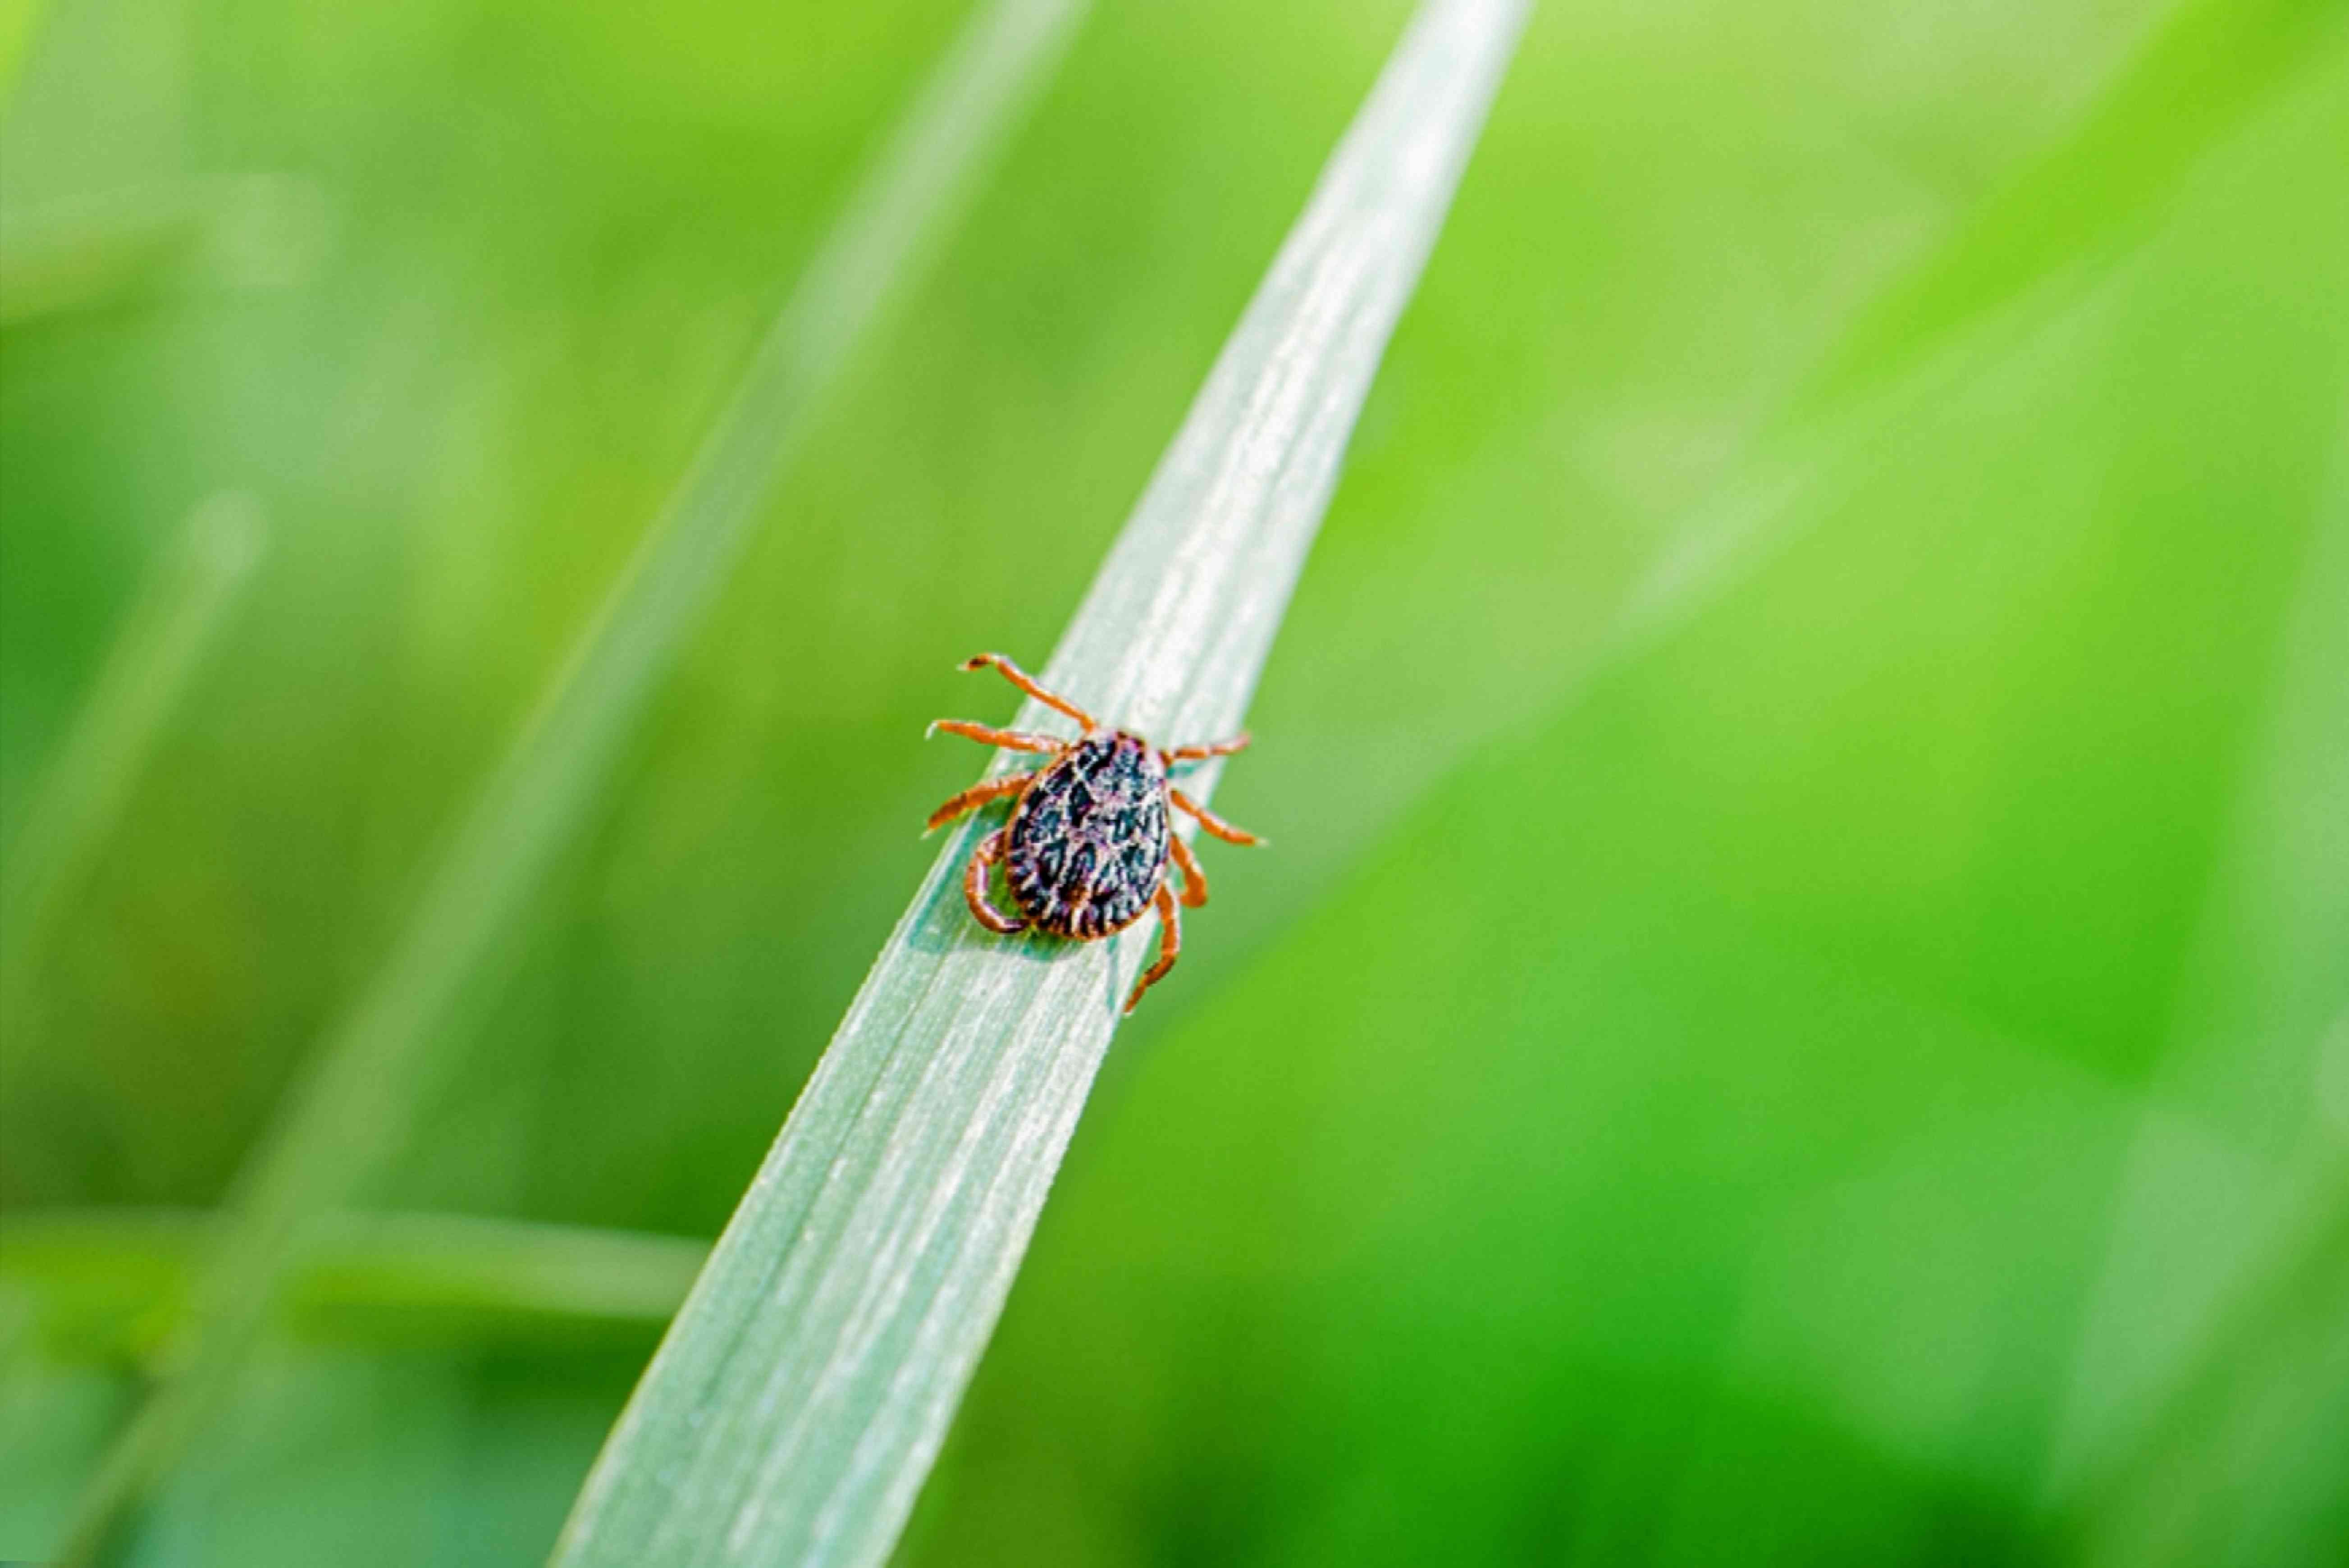 pest on grass